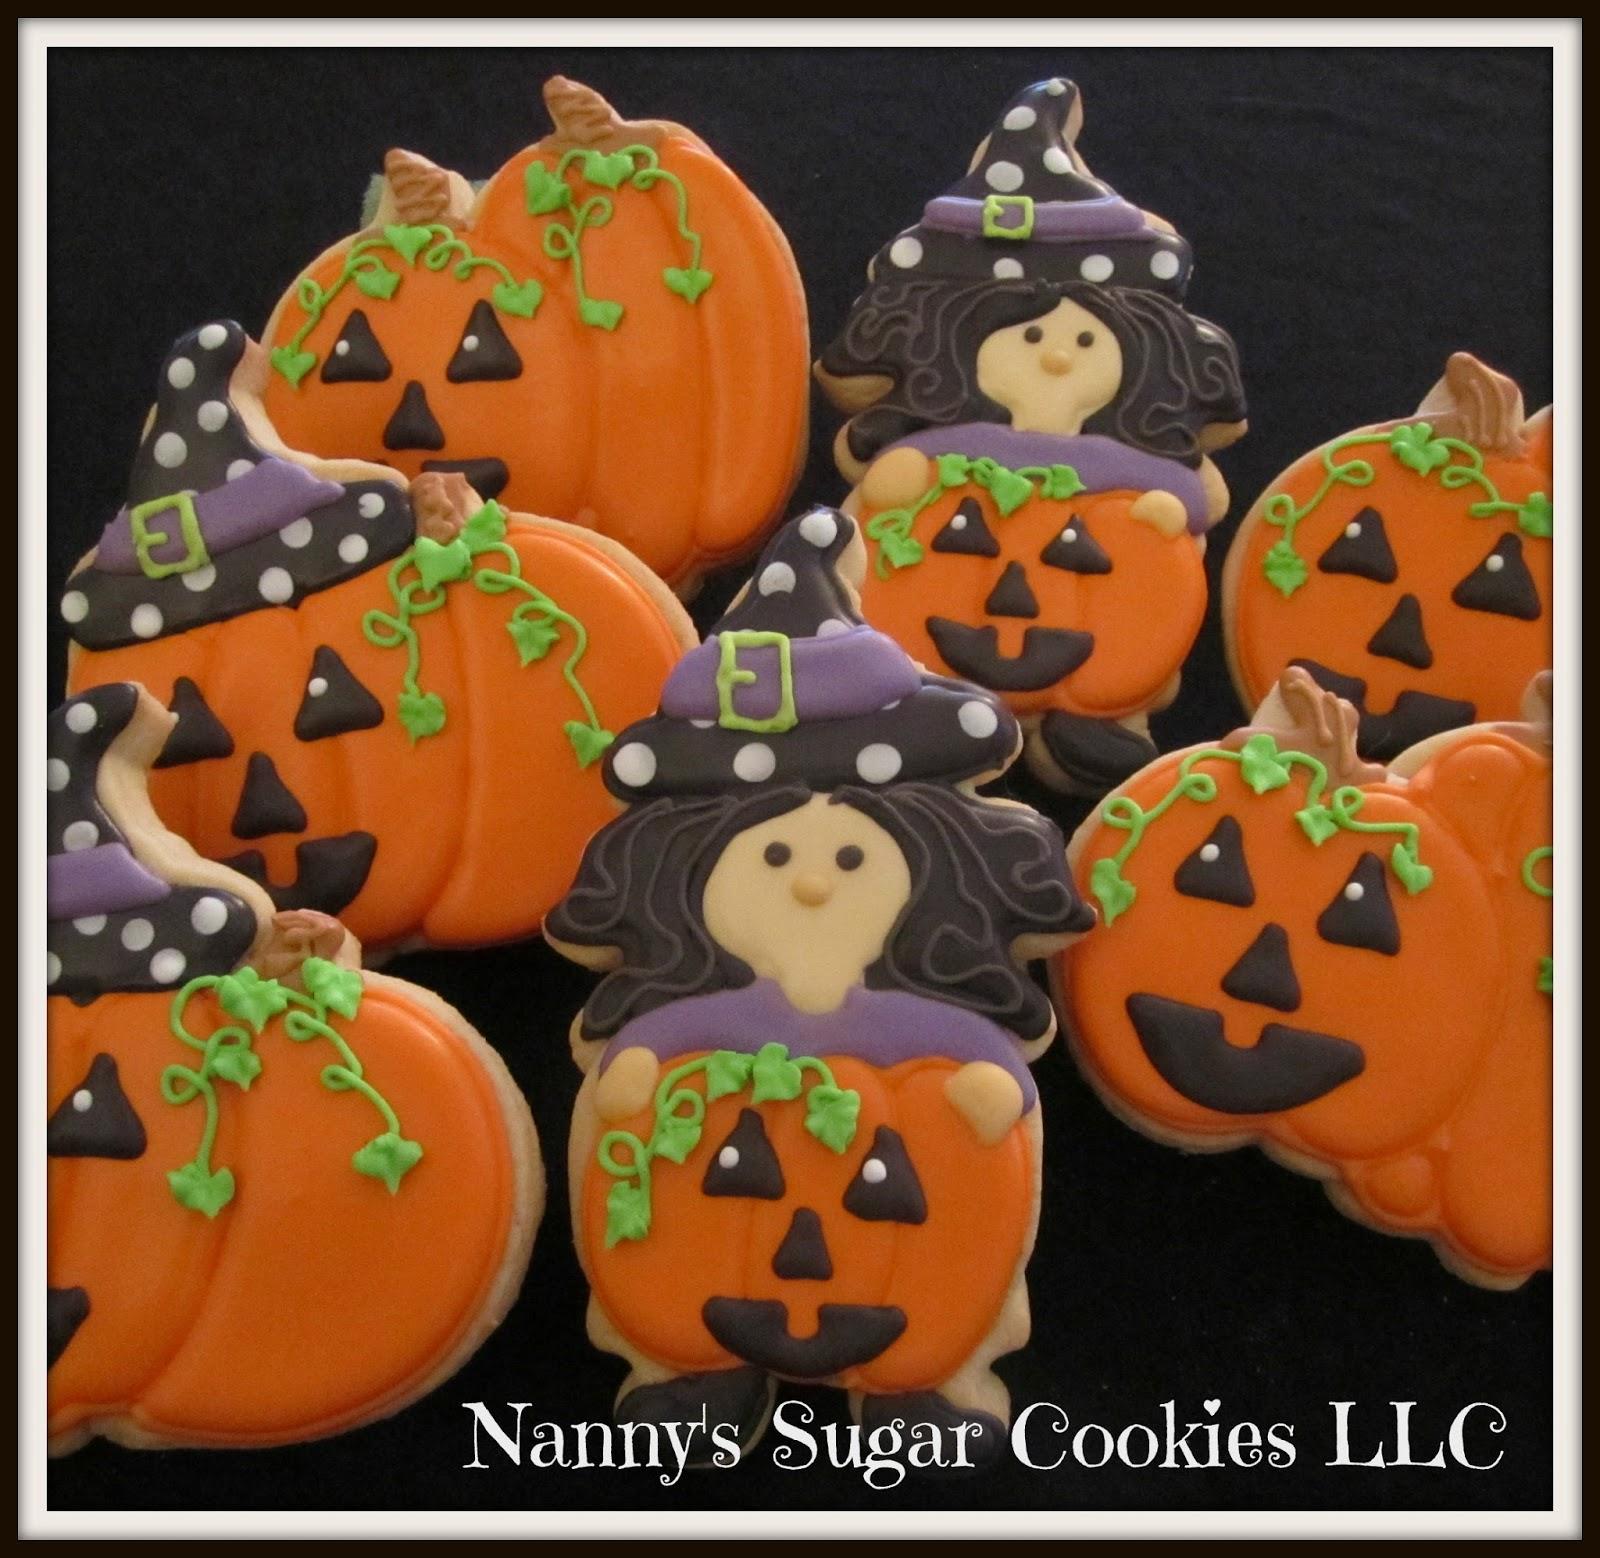 Nanny's Sugar Cookies LLC: October 2016